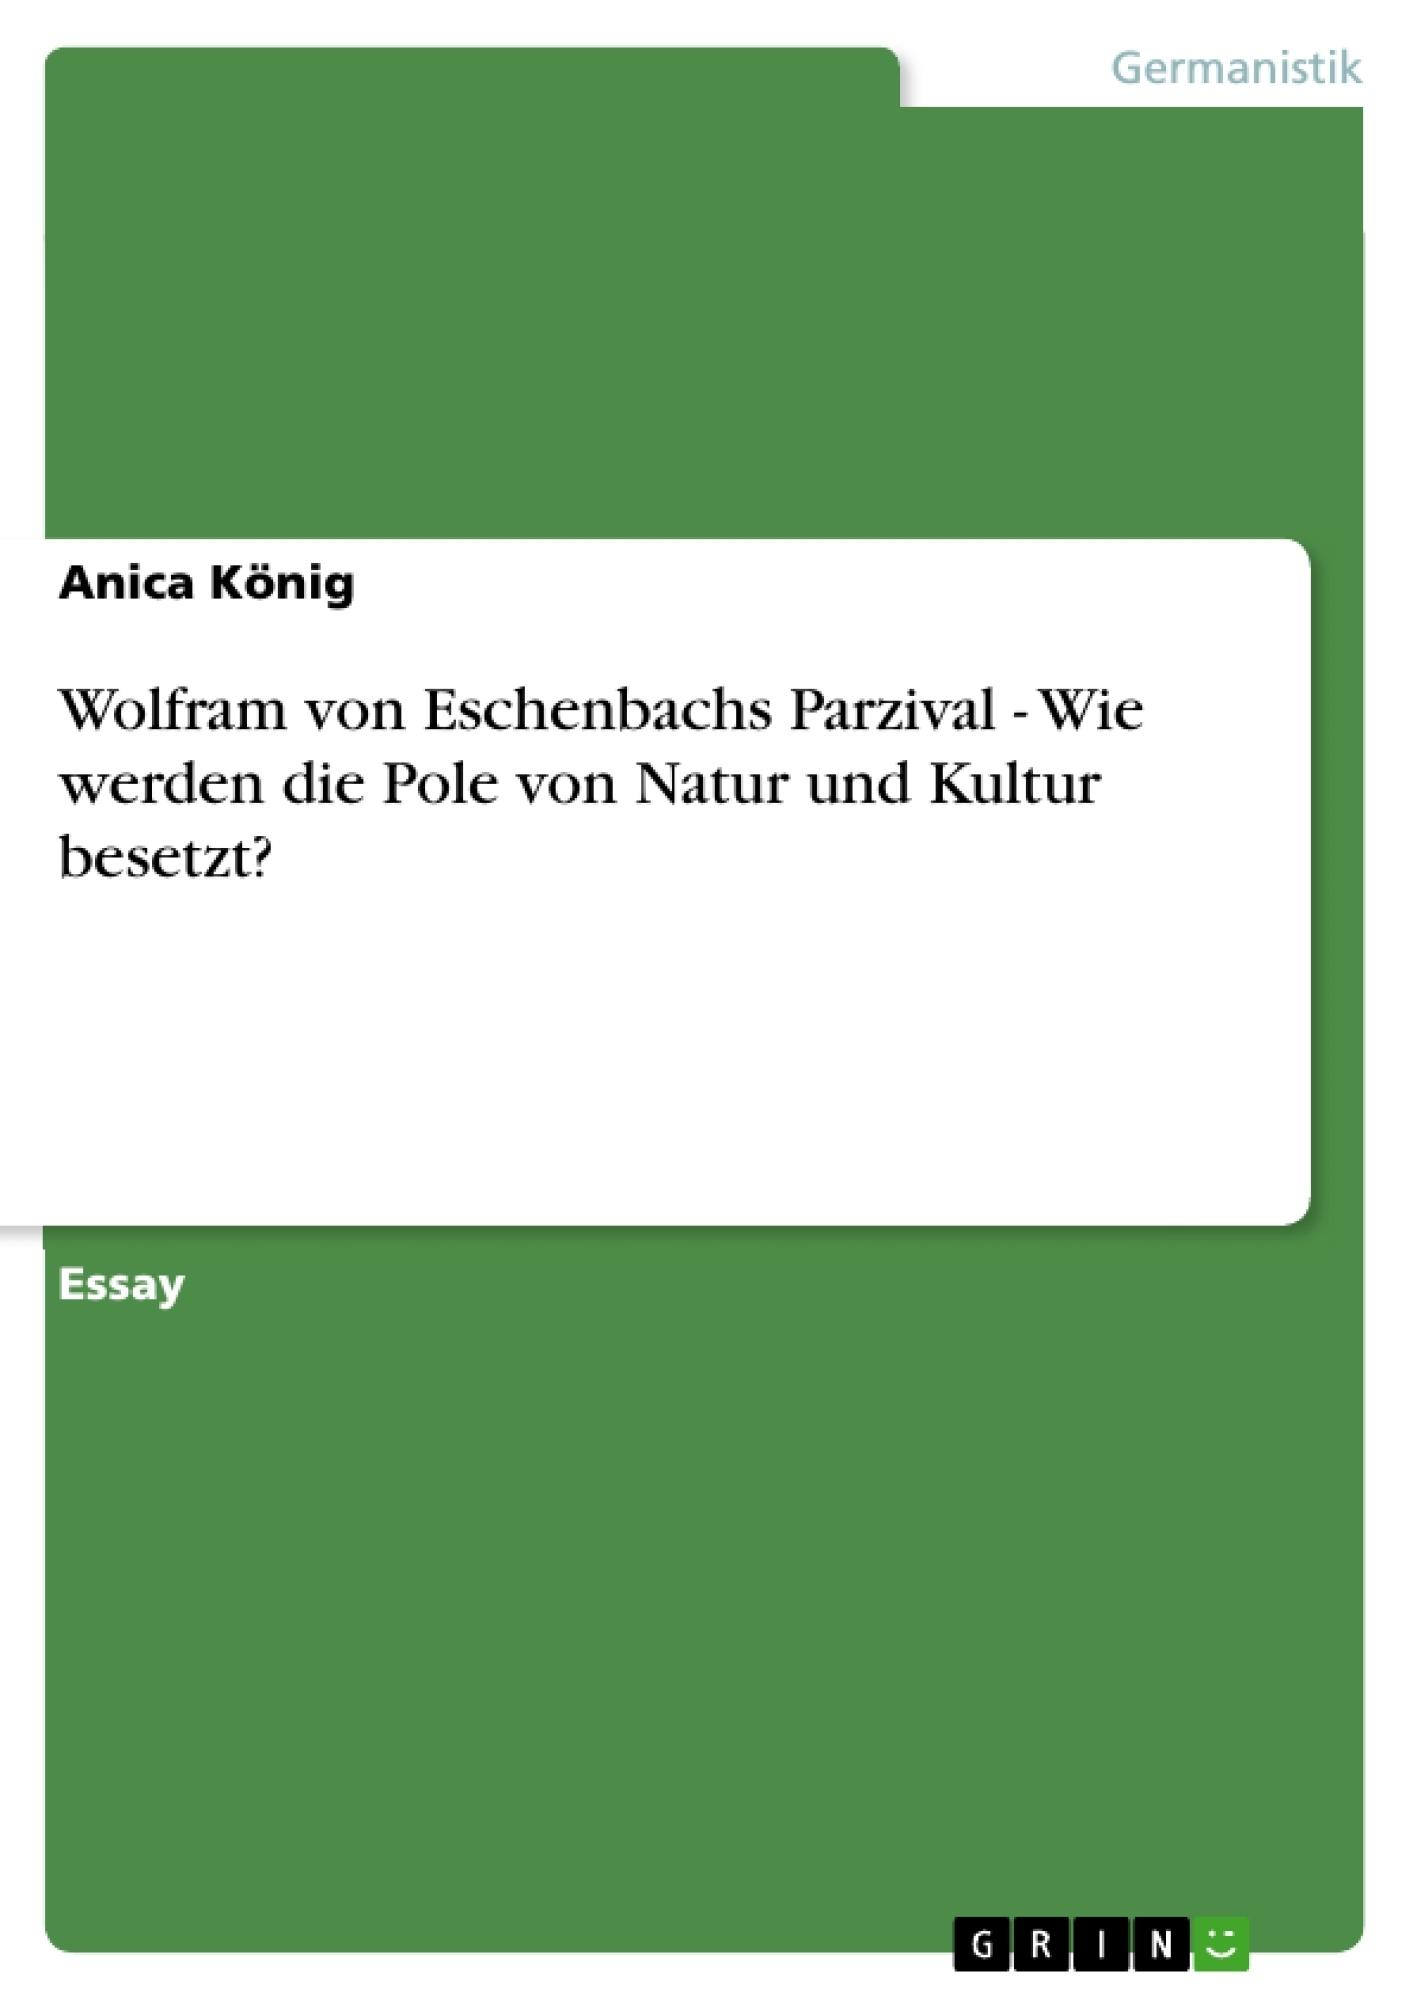 Titel: Wolfram von Eschenbachs Parzival - Wie werden die Pole von Natur und Kultur besetzt?